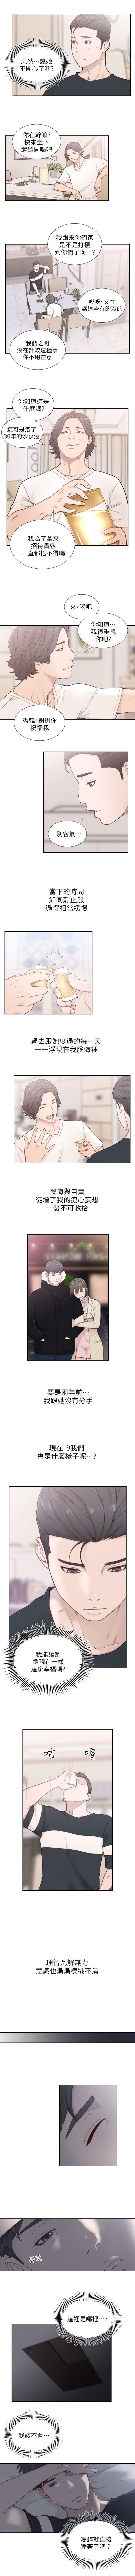 前女友 1-48 中文翻译(更新中) 12